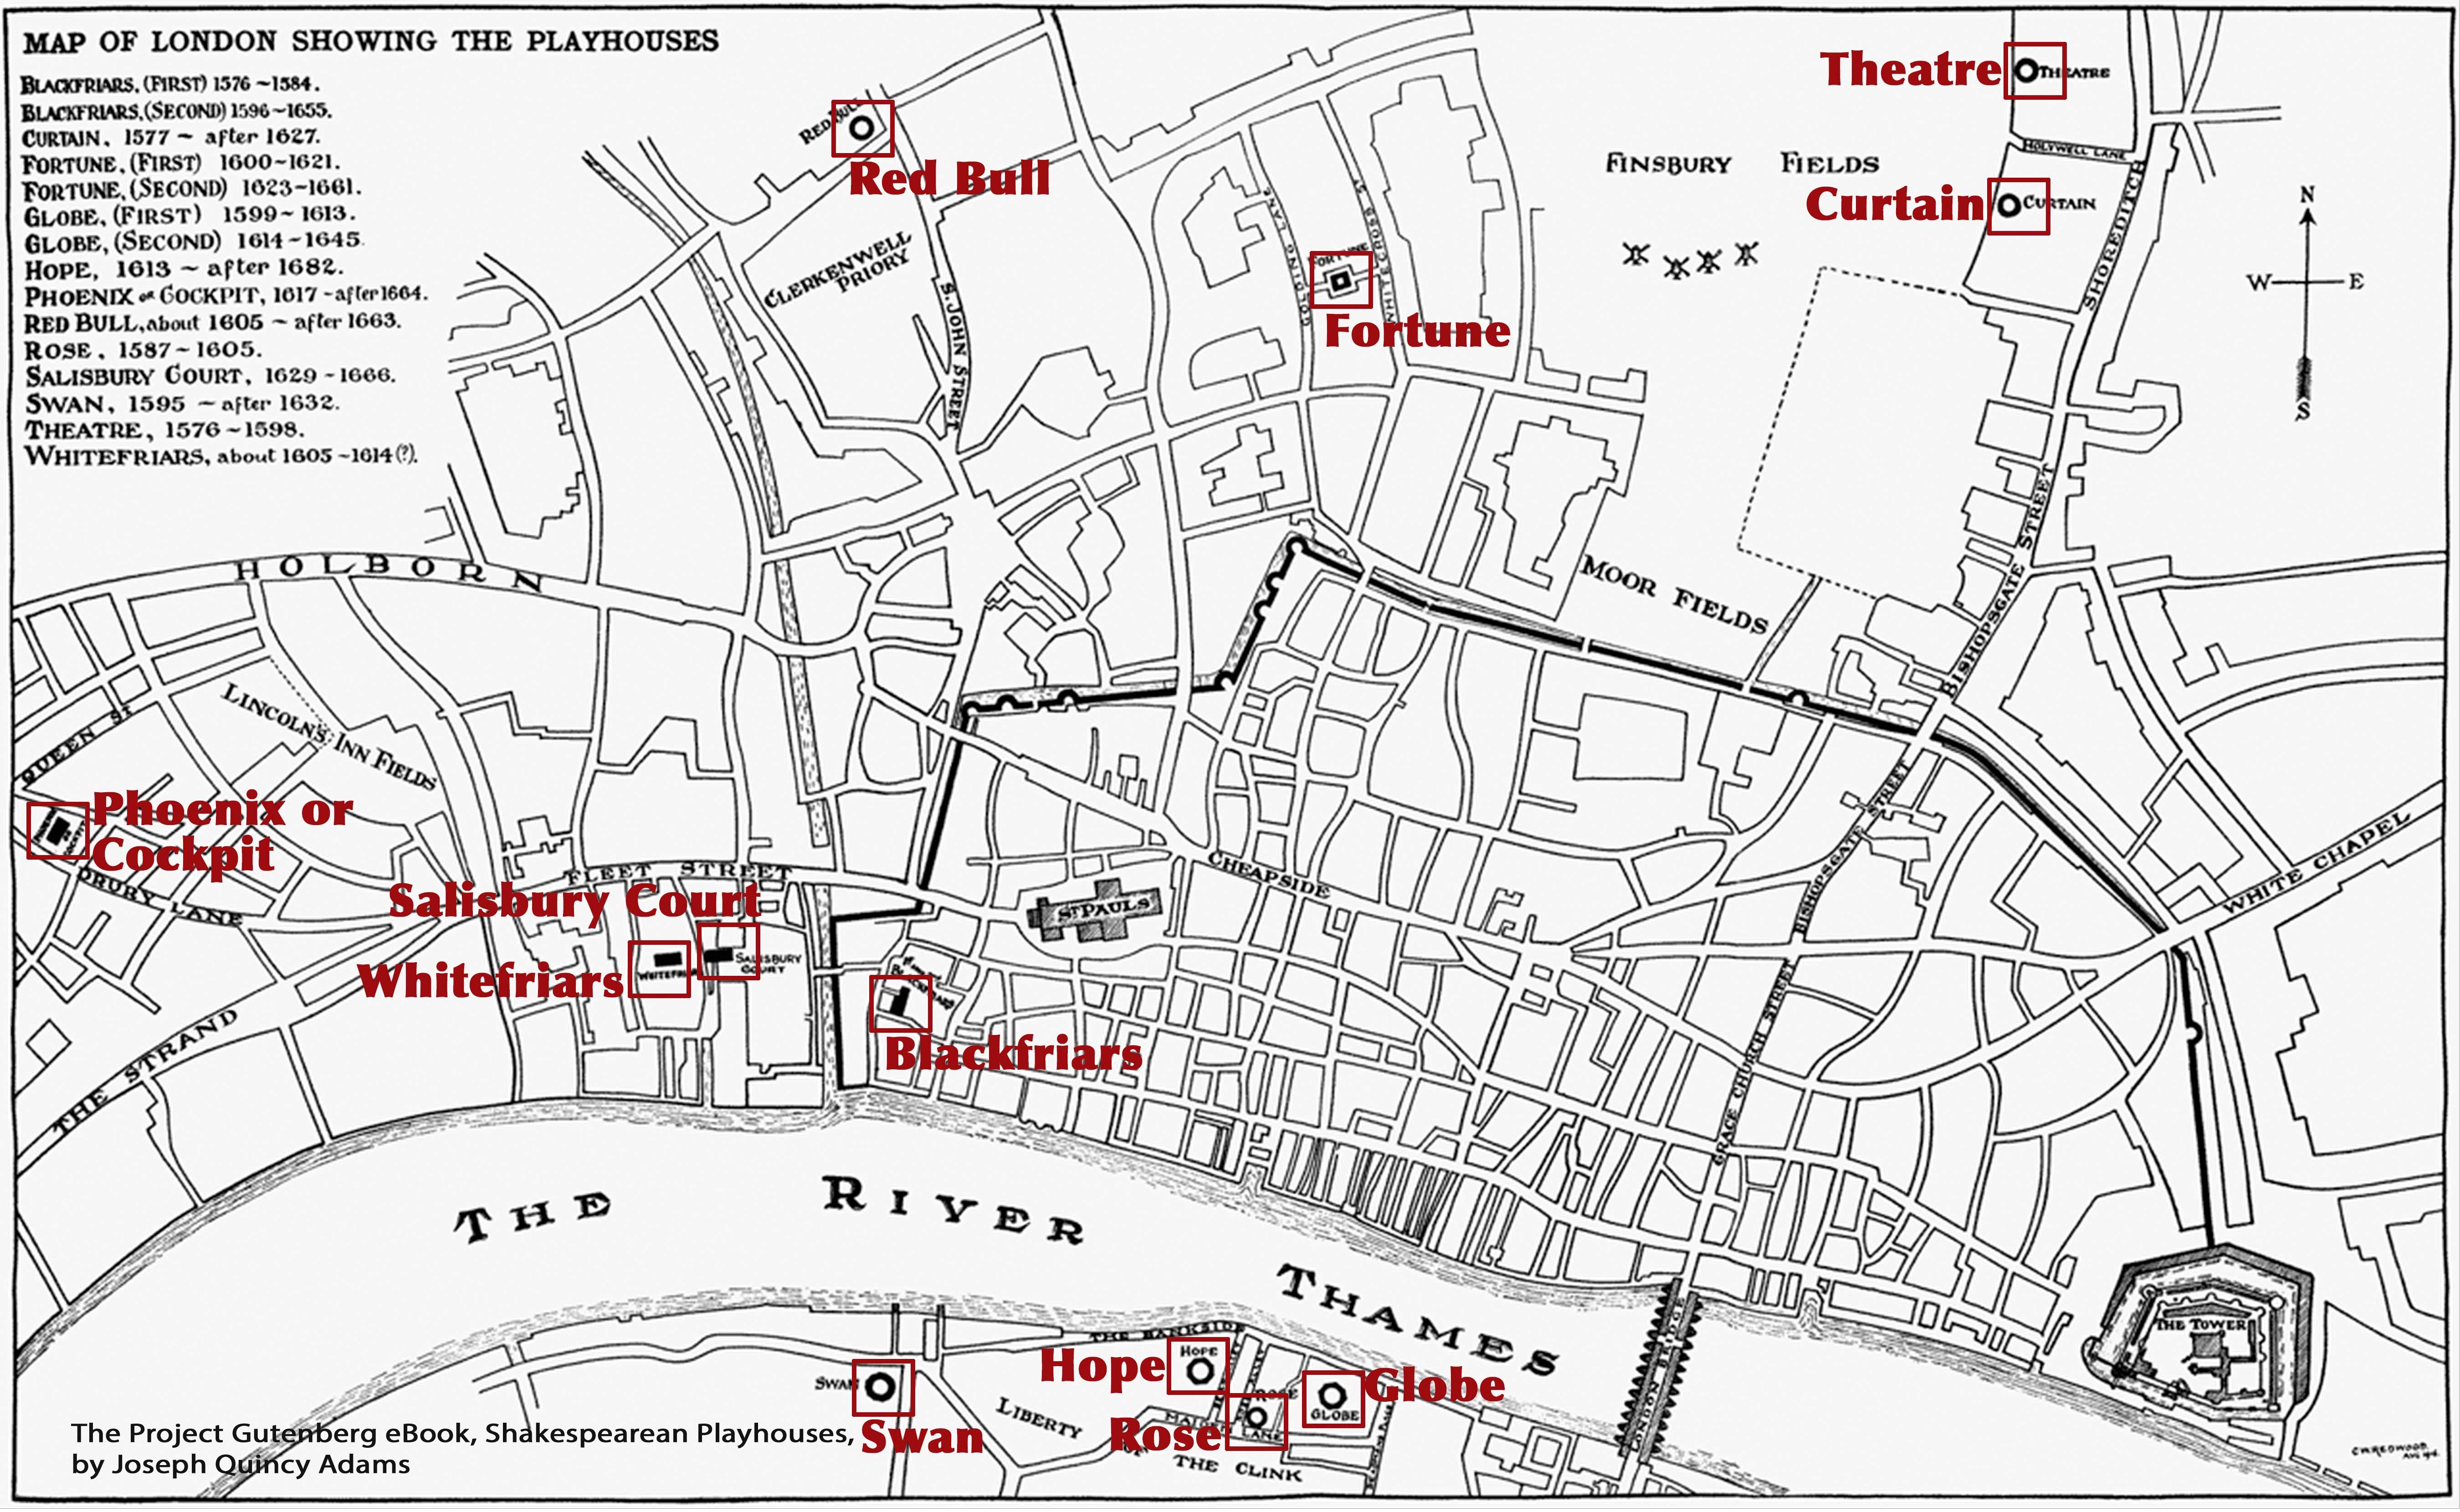 Theaters of London 15671642 myShakespeareme